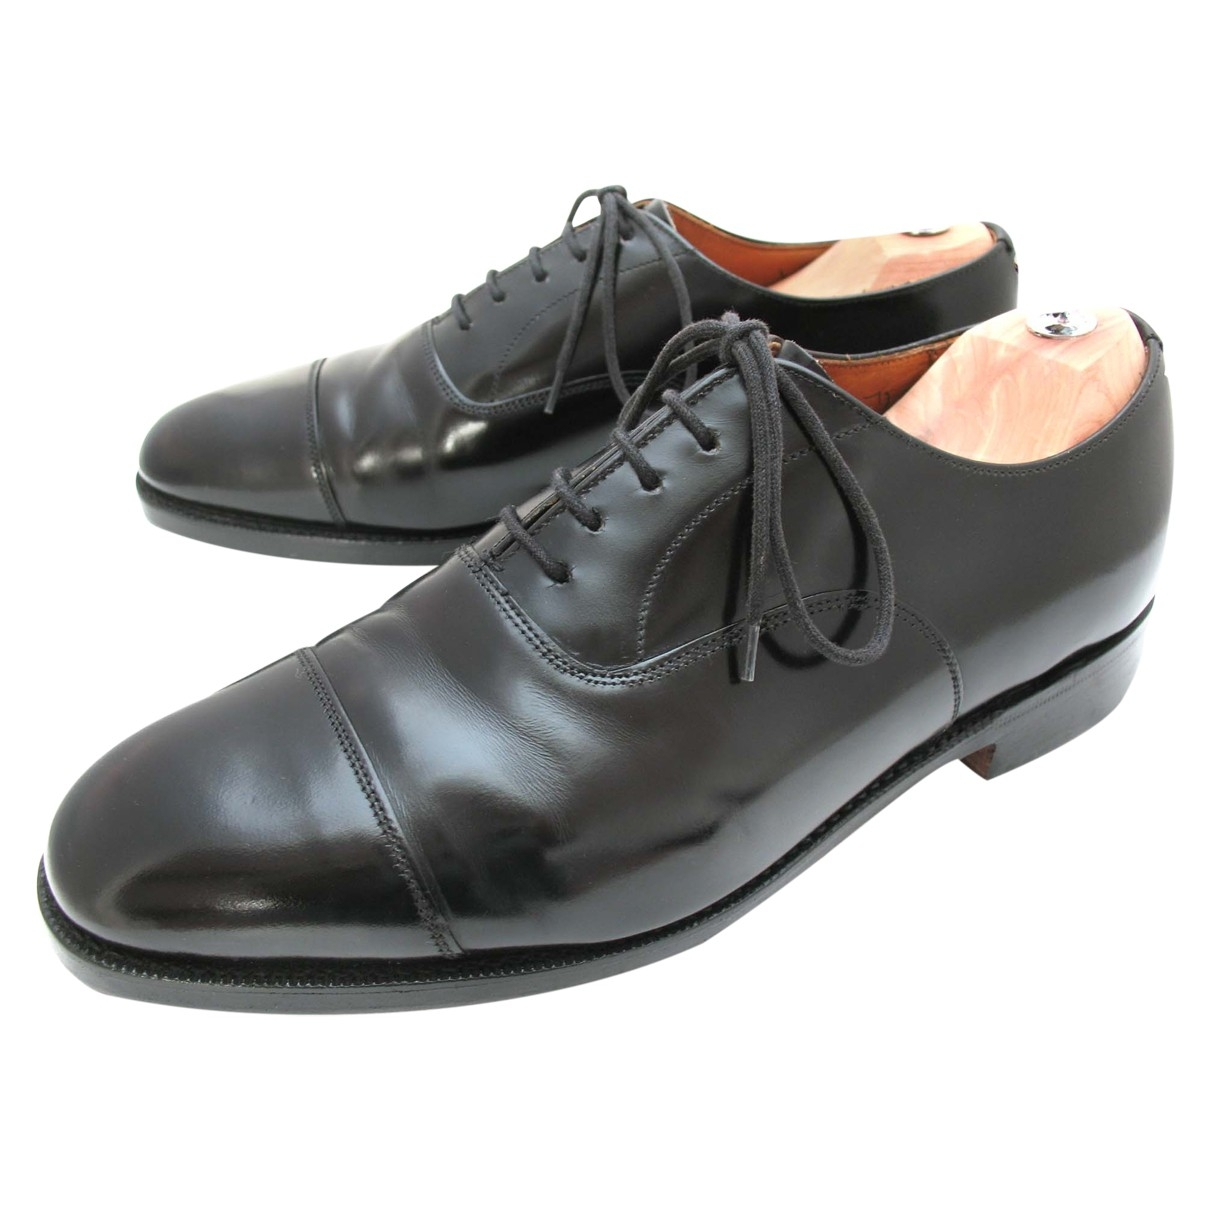 Churchs - Derbies   pour homme en cuir - noir